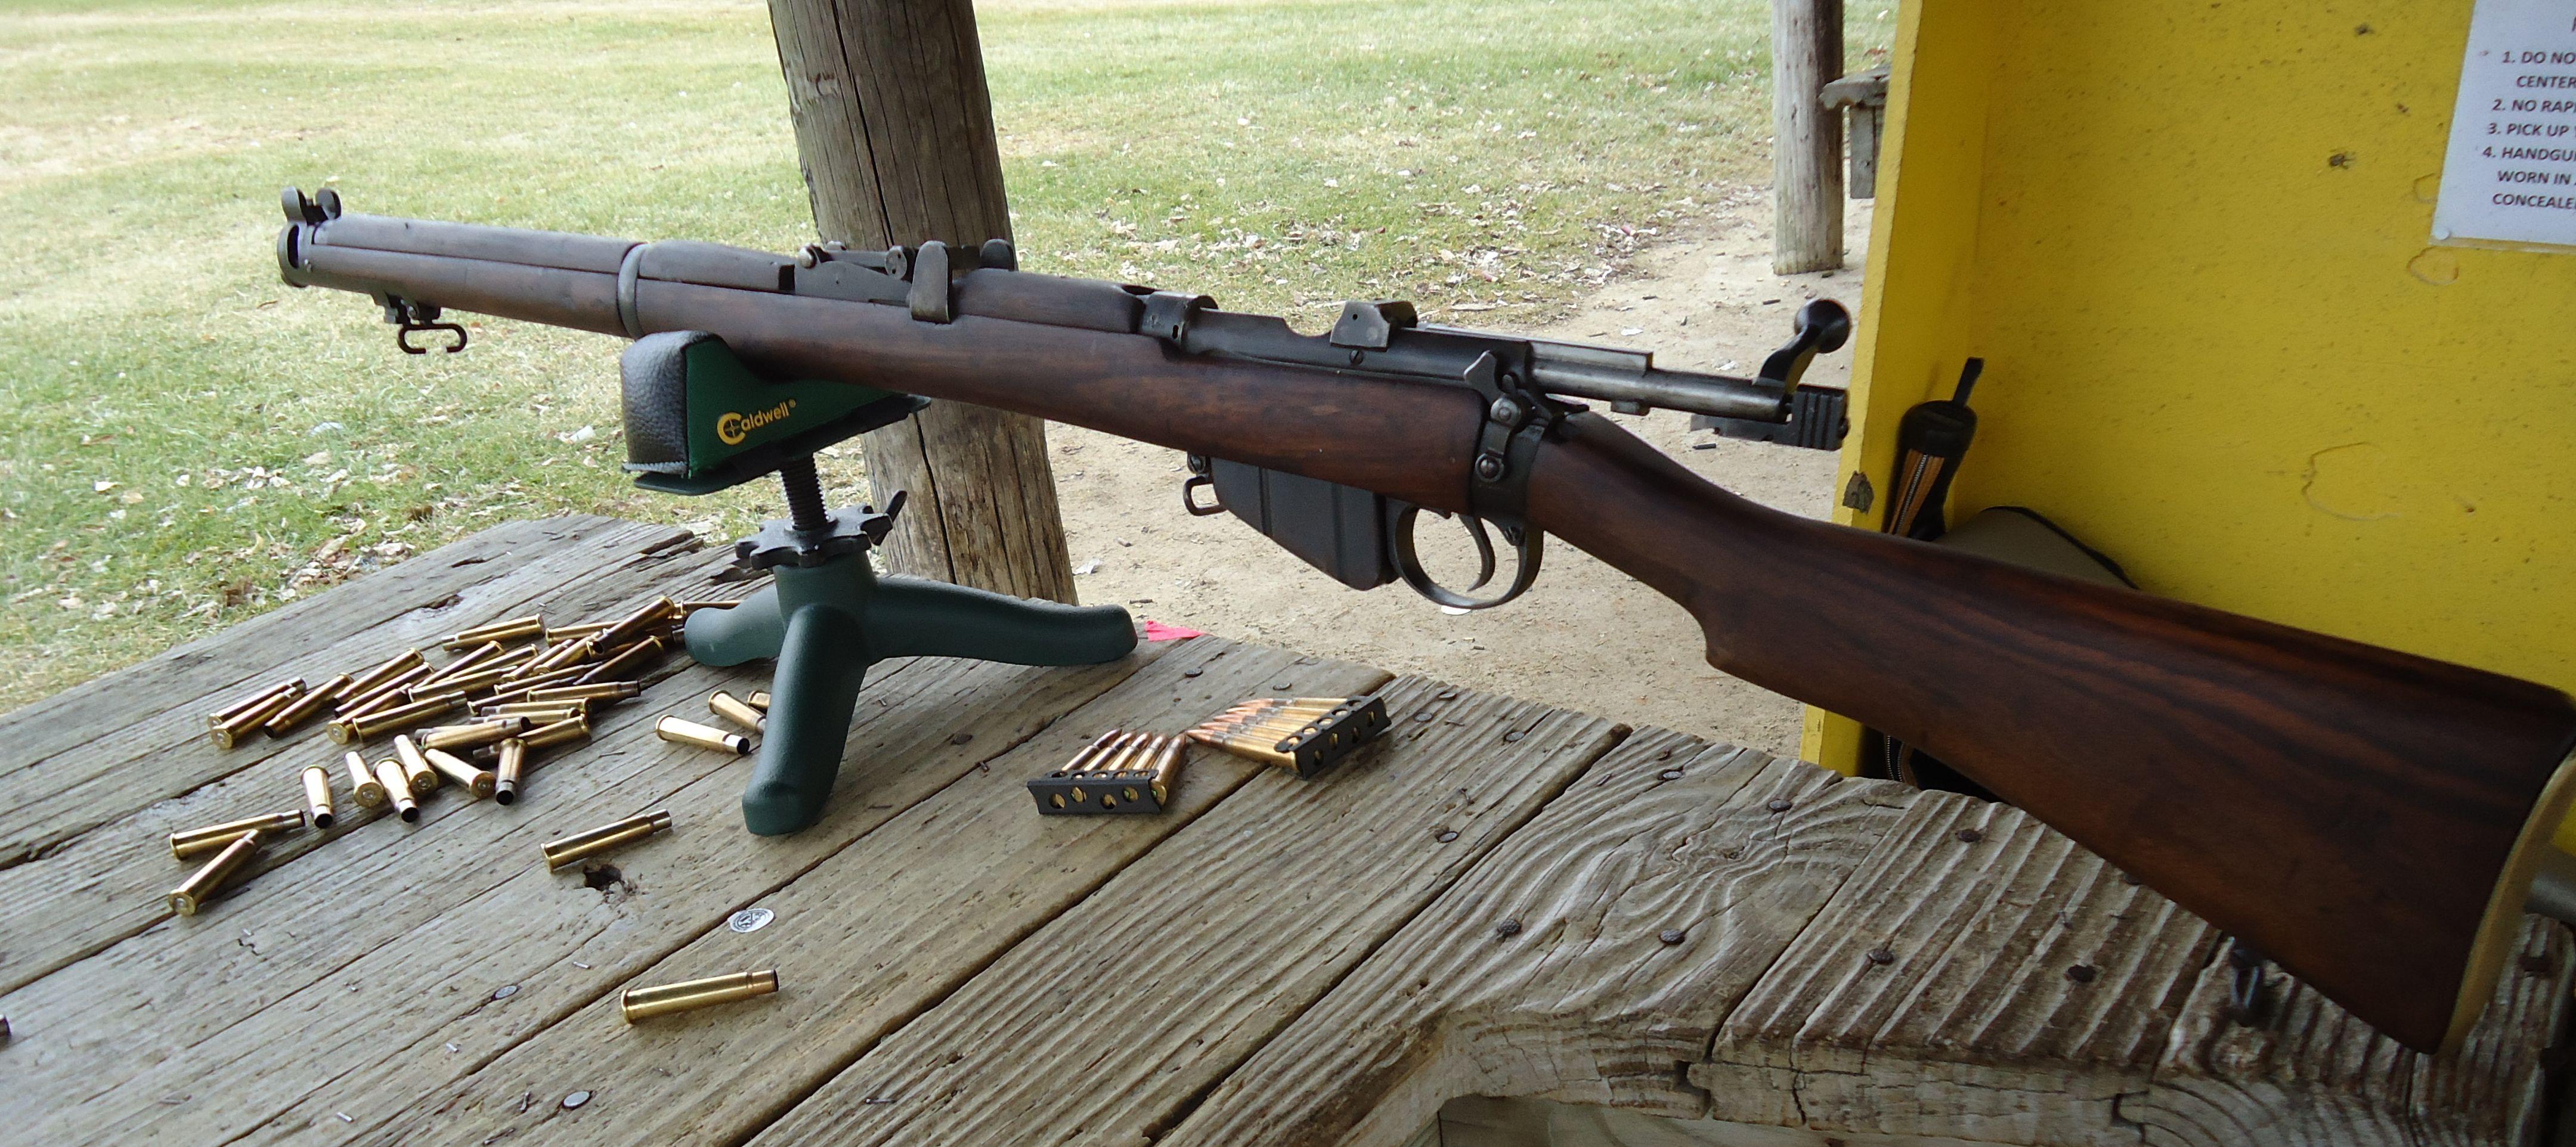 Lee Enfield MKIII | C&R Firearms | Lee enfield, Firearms, Guns